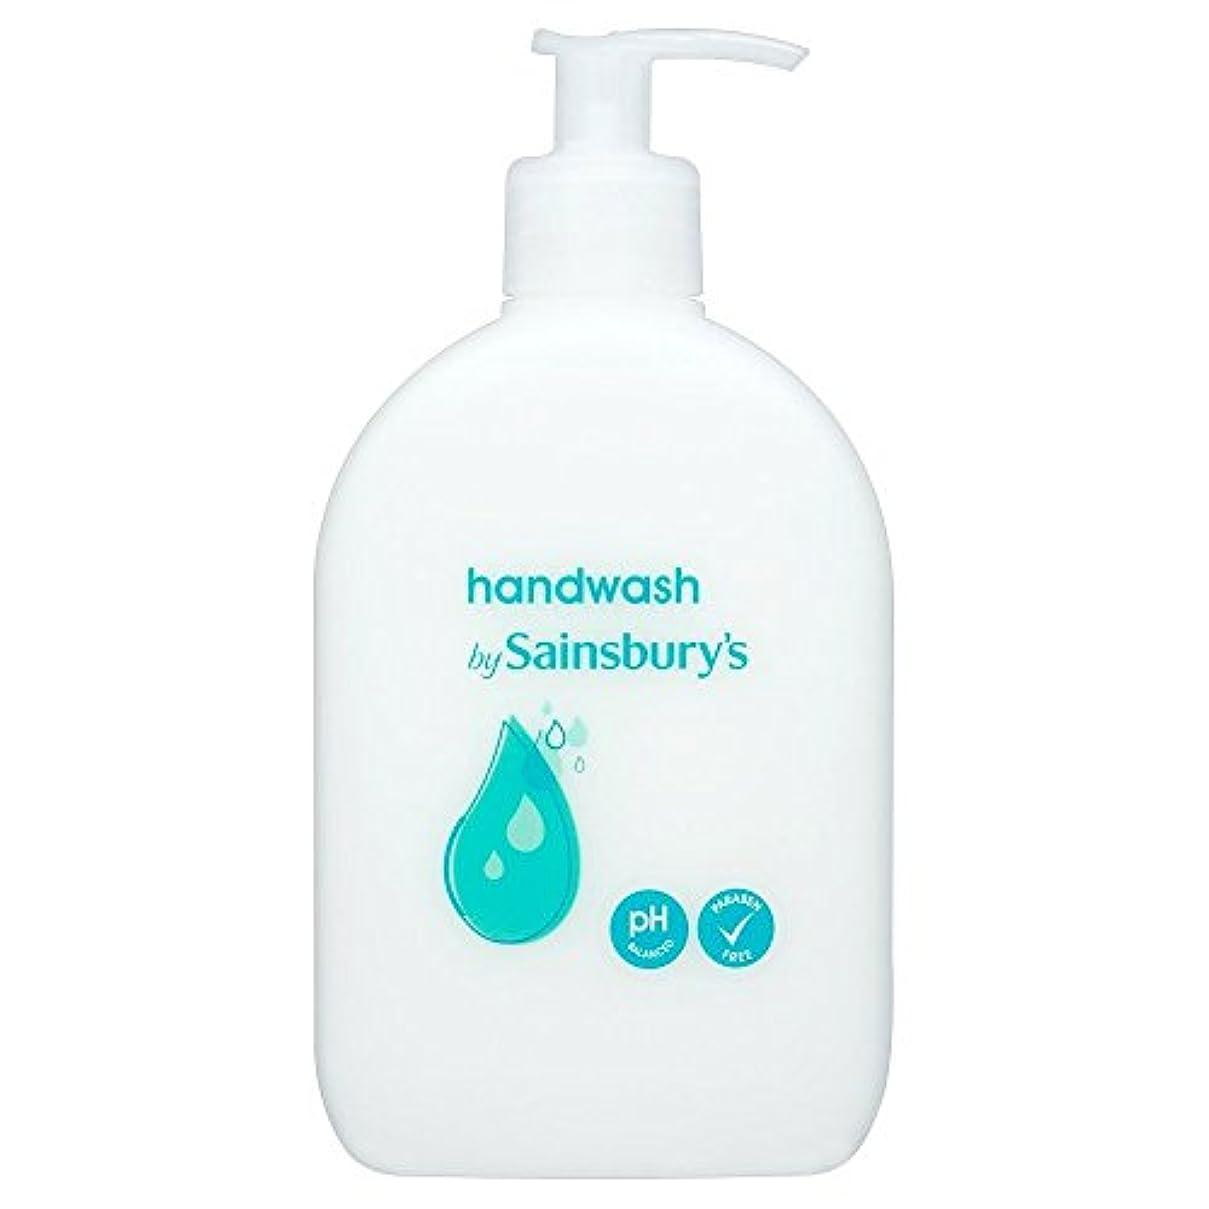 信じられないバッテリー口径Sainsbury's Handwash, White 500ml - (Sainsbury's) 手洗い、白500ミリリットル [並行輸入品]